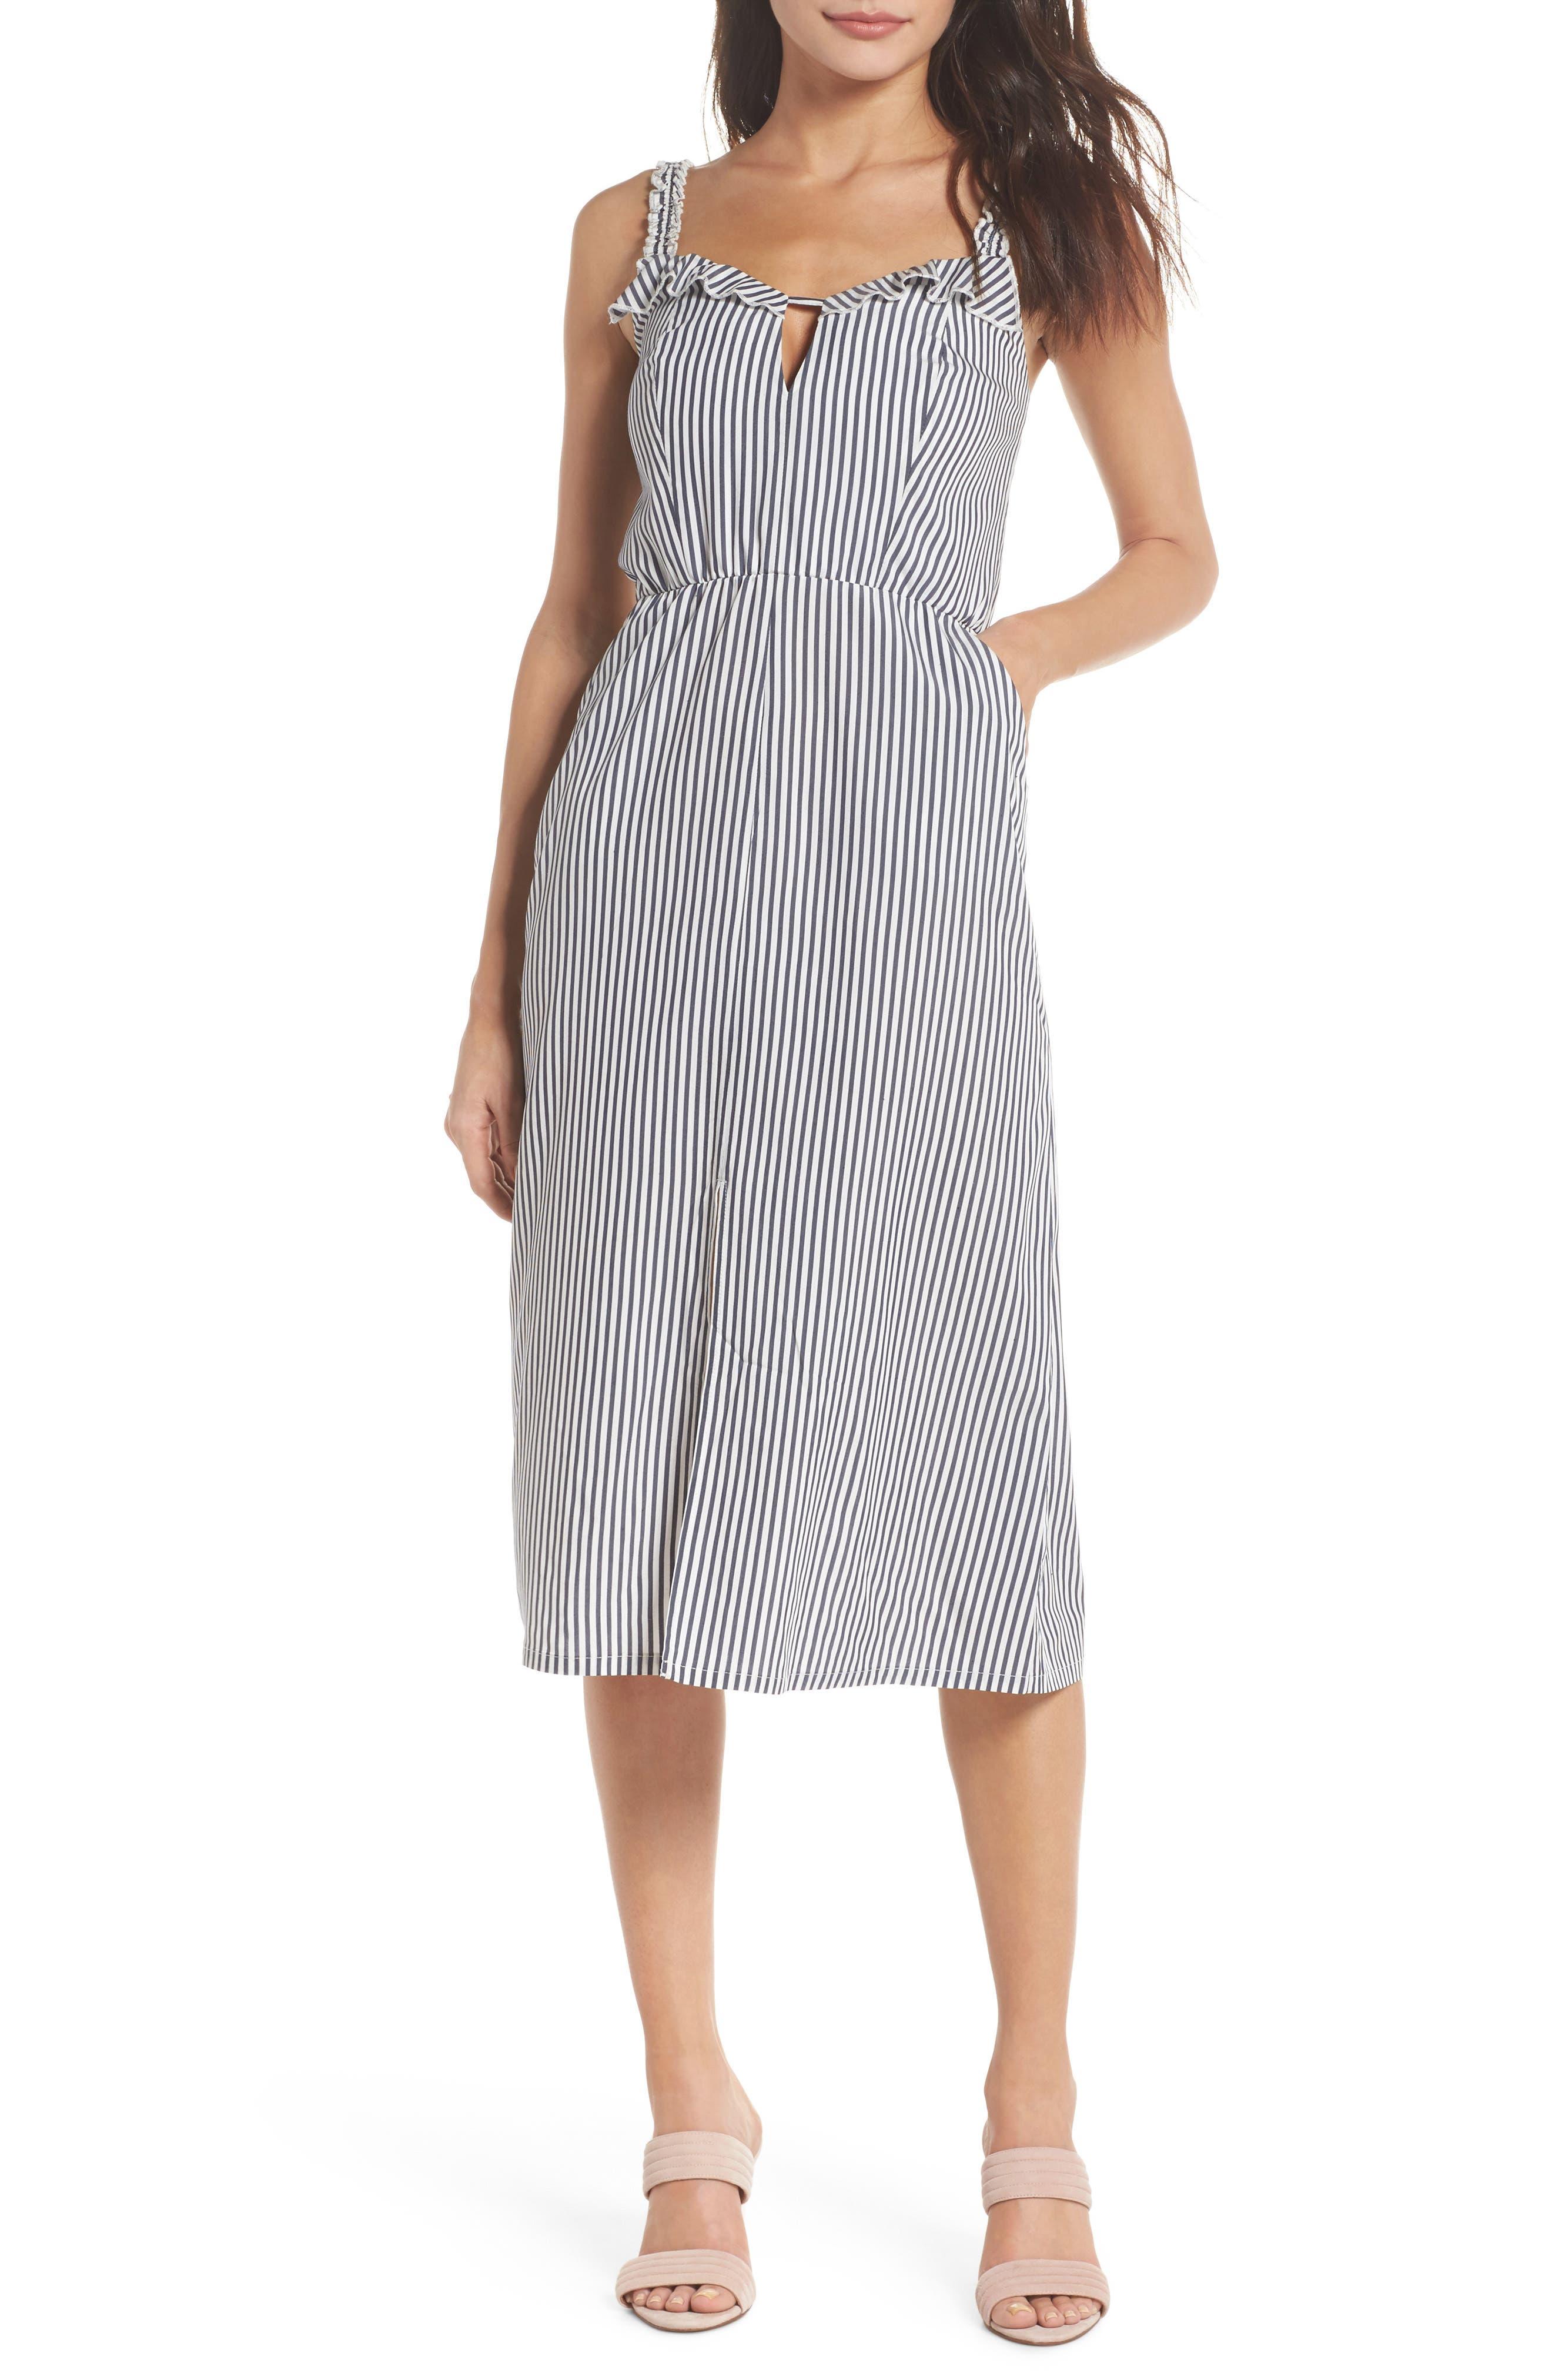 Drinks On Me Stripe Ruffle Midi Dress,                             Main thumbnail 1, color,                             Navy/ White Mini Stripe